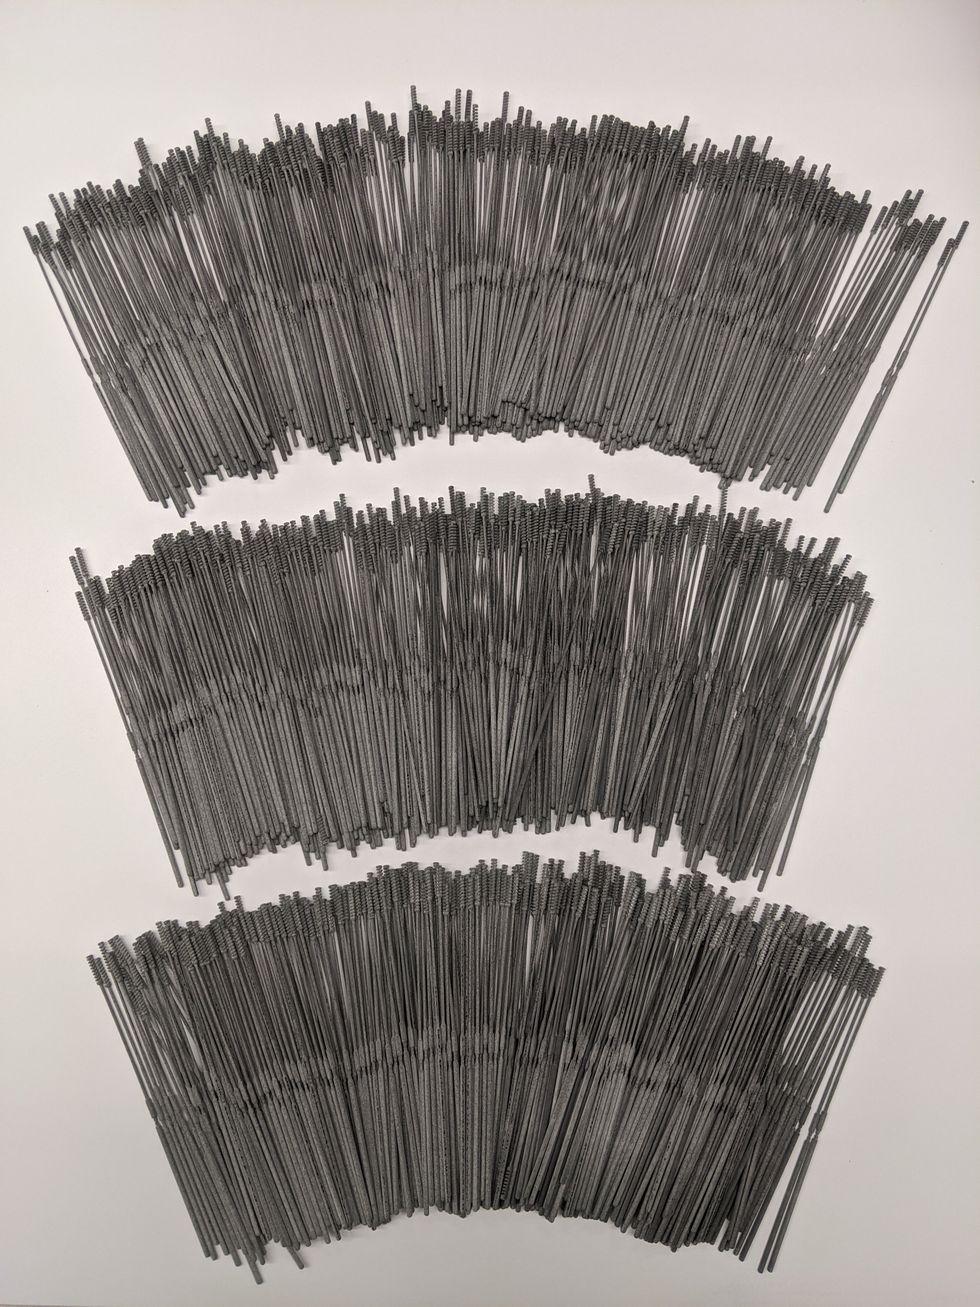 3D printed swabs